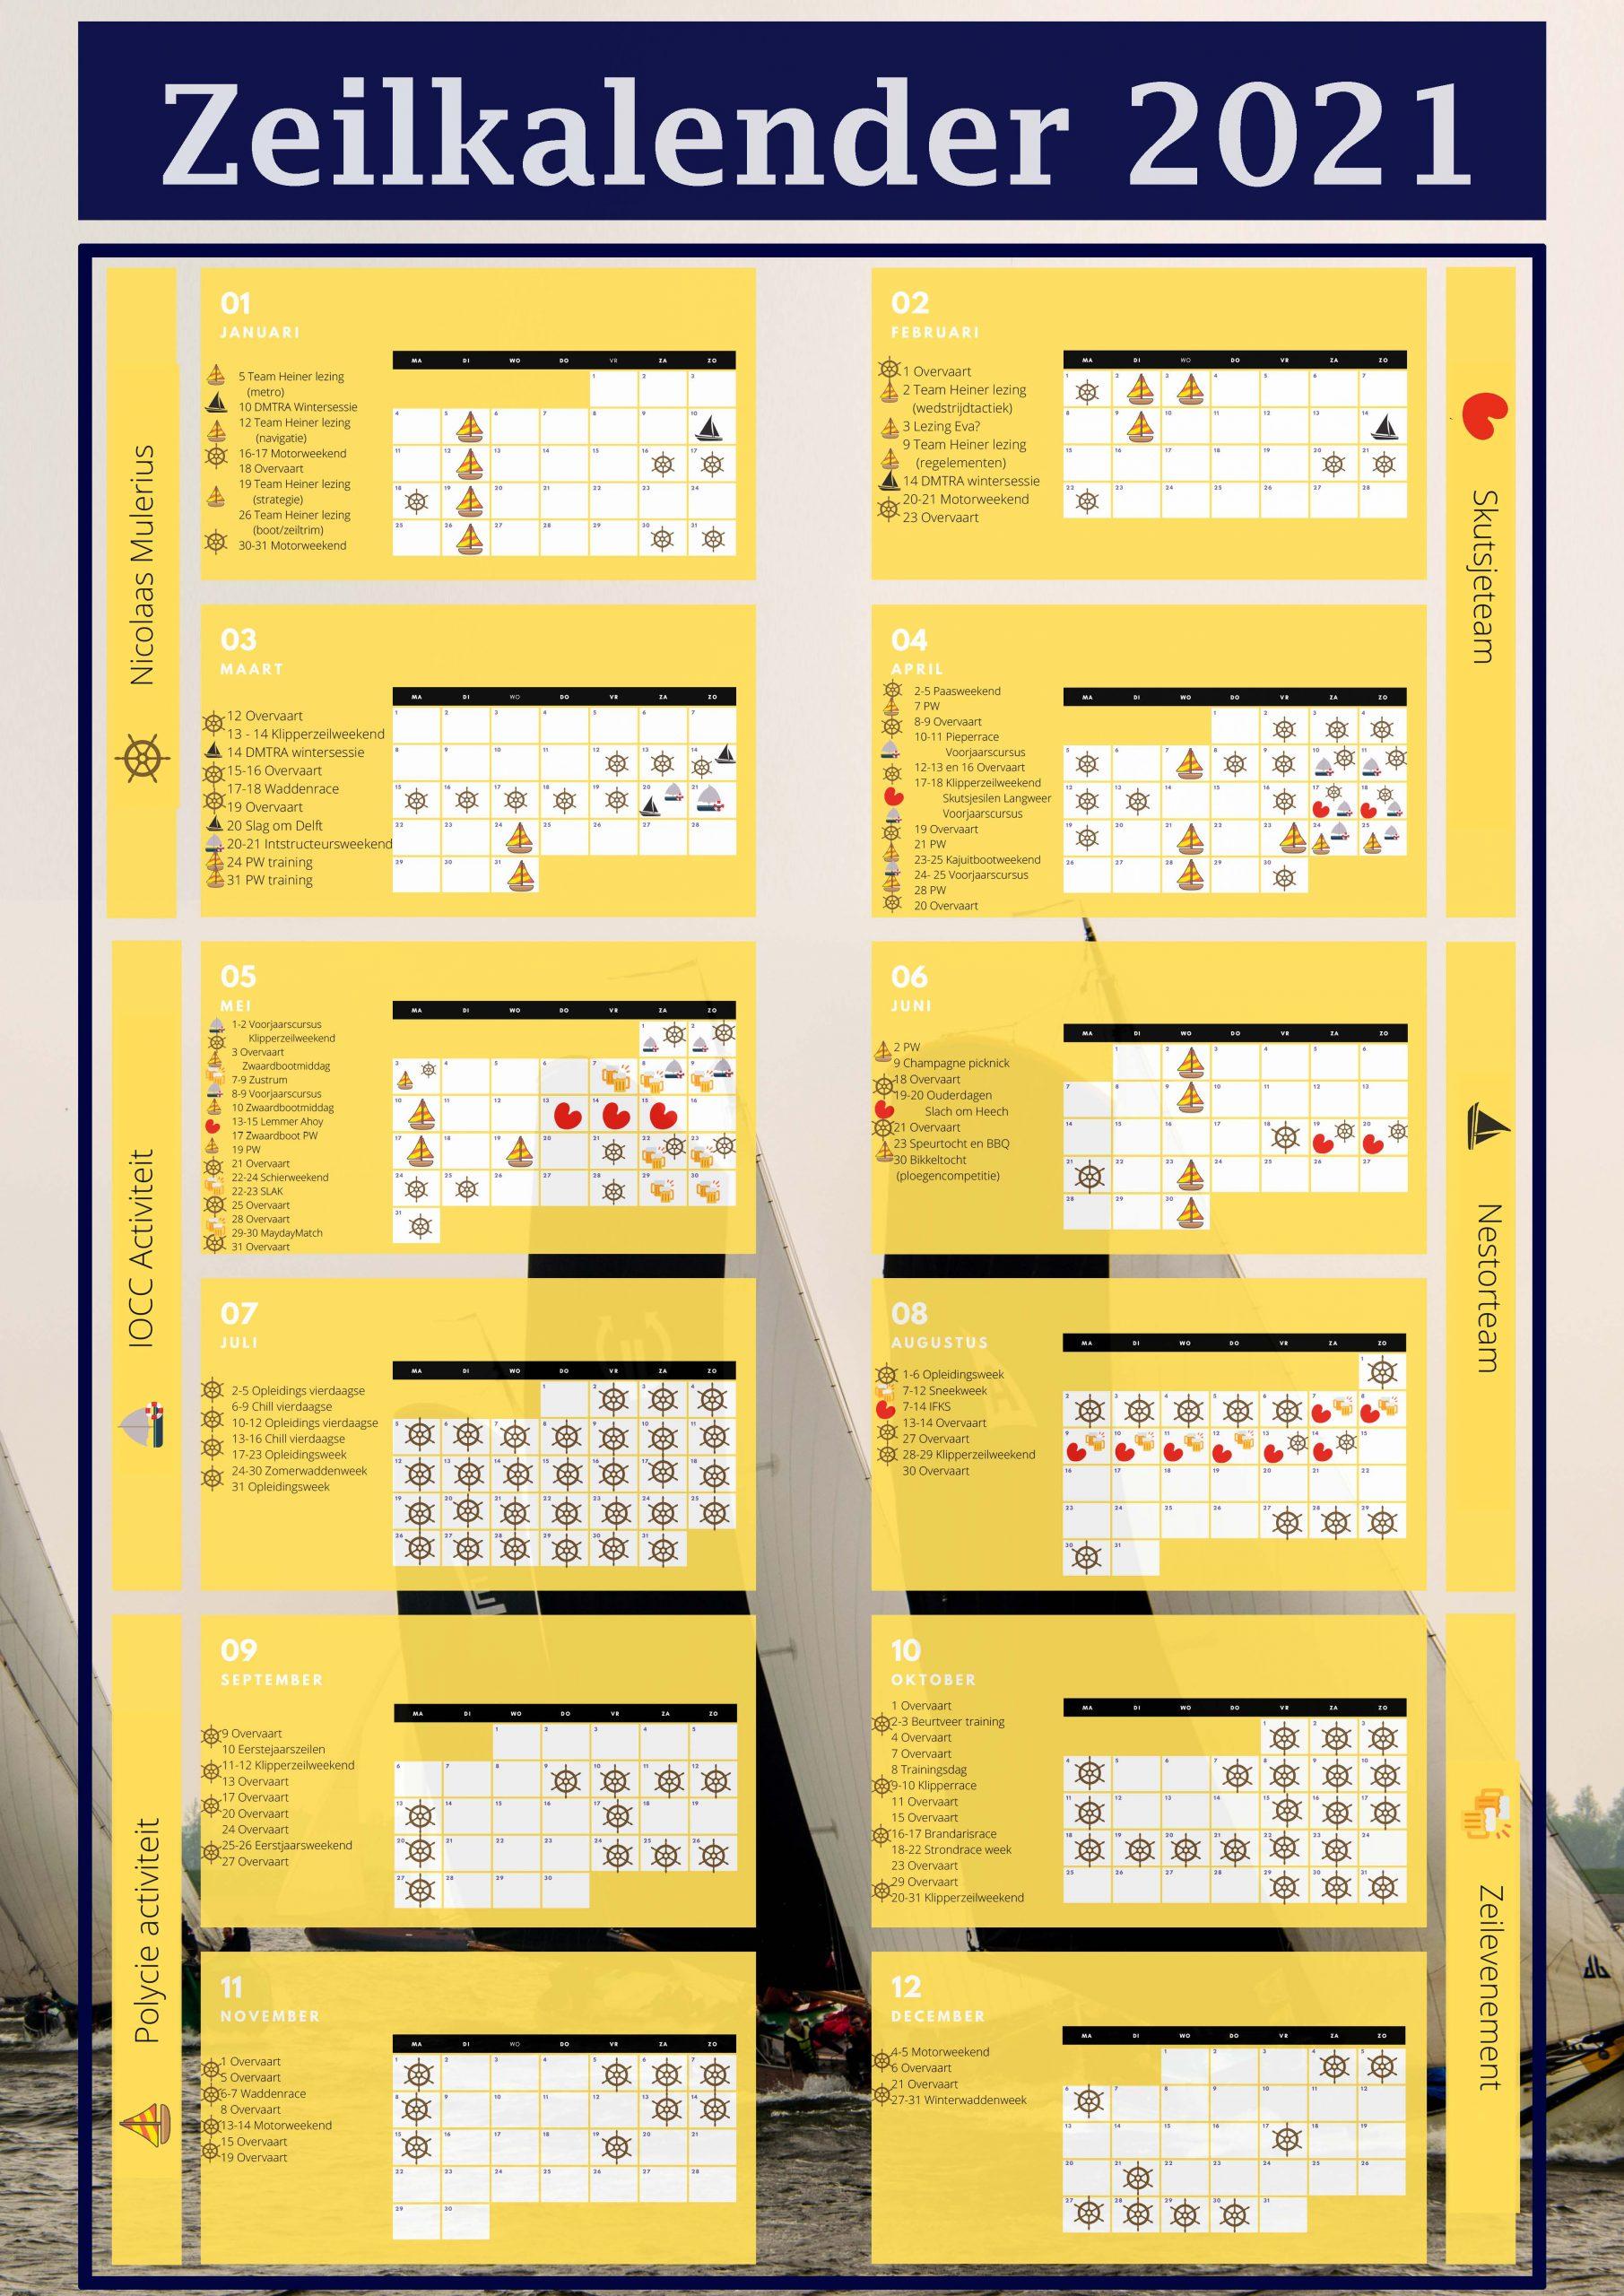 Zeilkalender.jpg